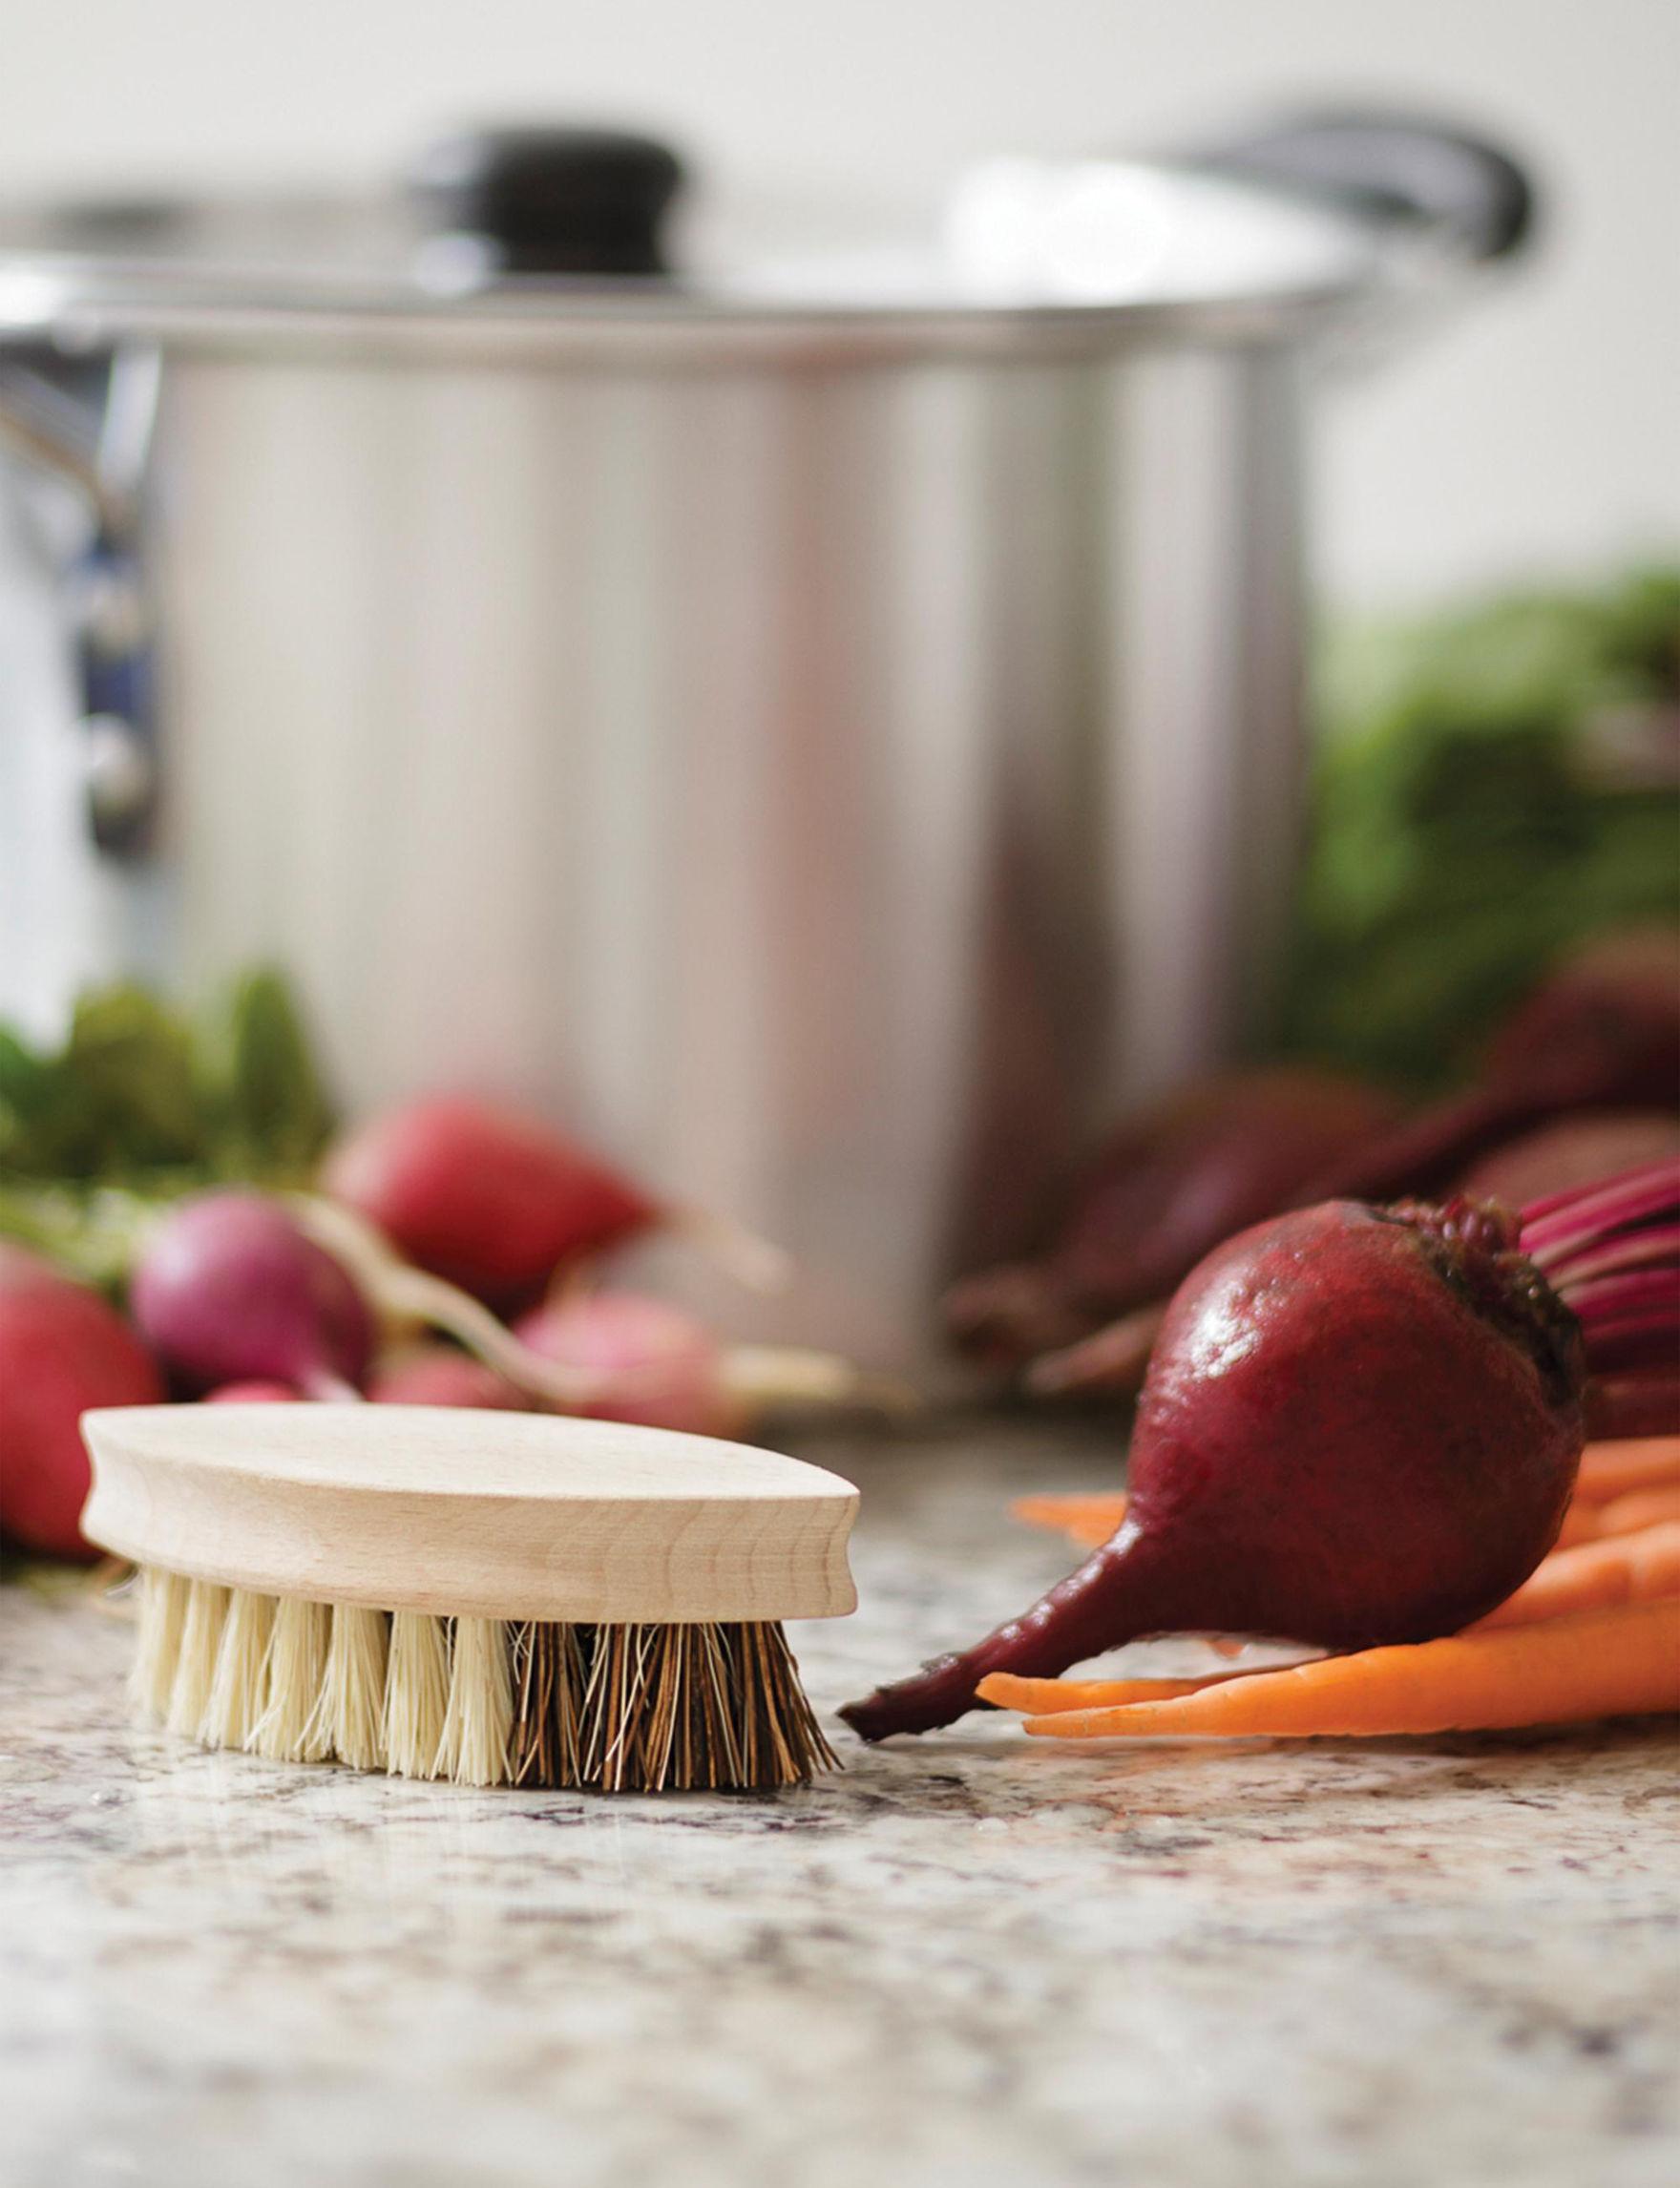 Fox Run Wood Kitchen Storage & Organization